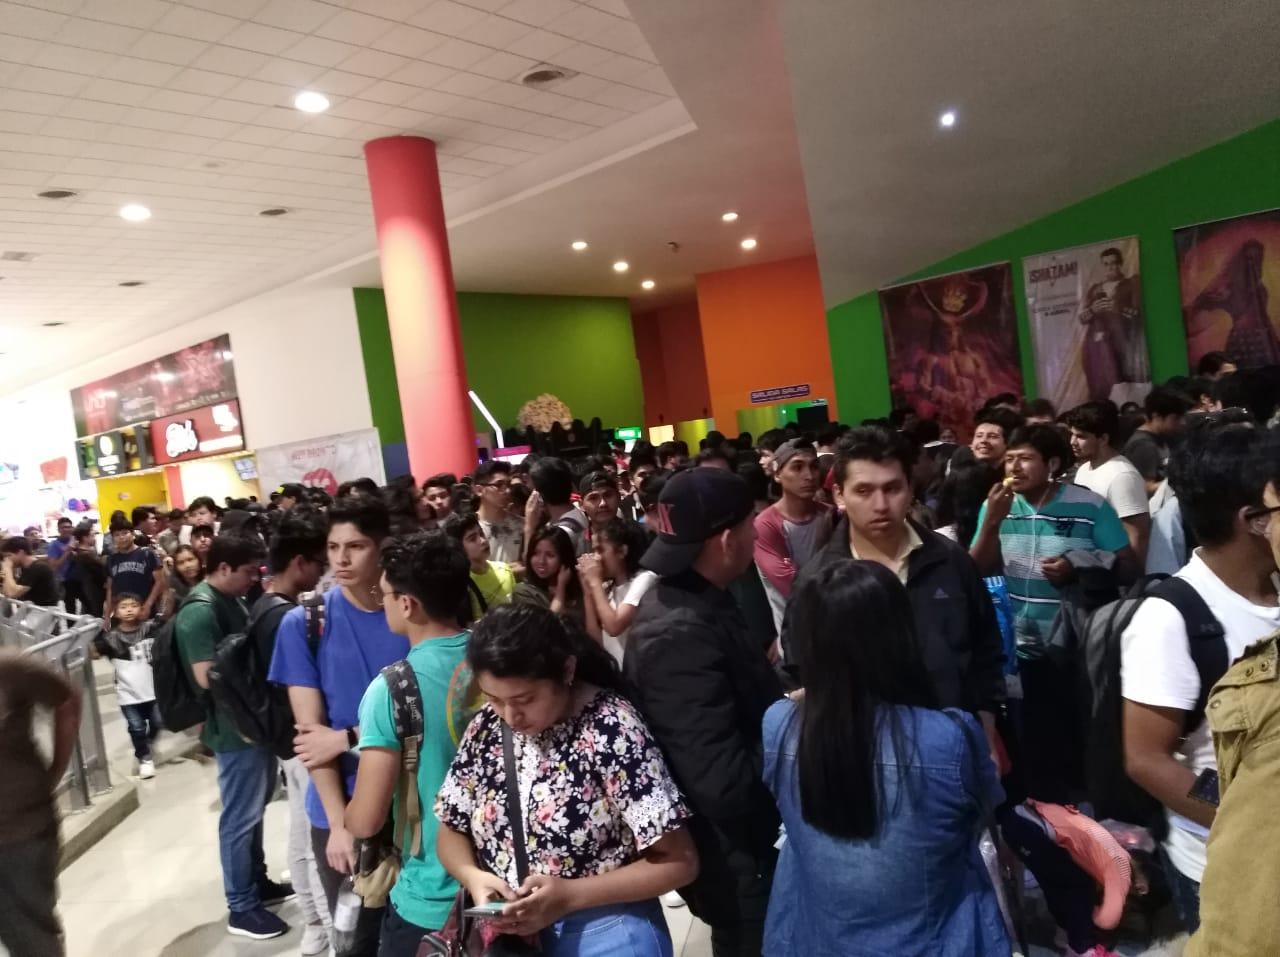 Cientos de fans abarrotan el Cine Center de Tarija por el estreno deAvengers Endgame